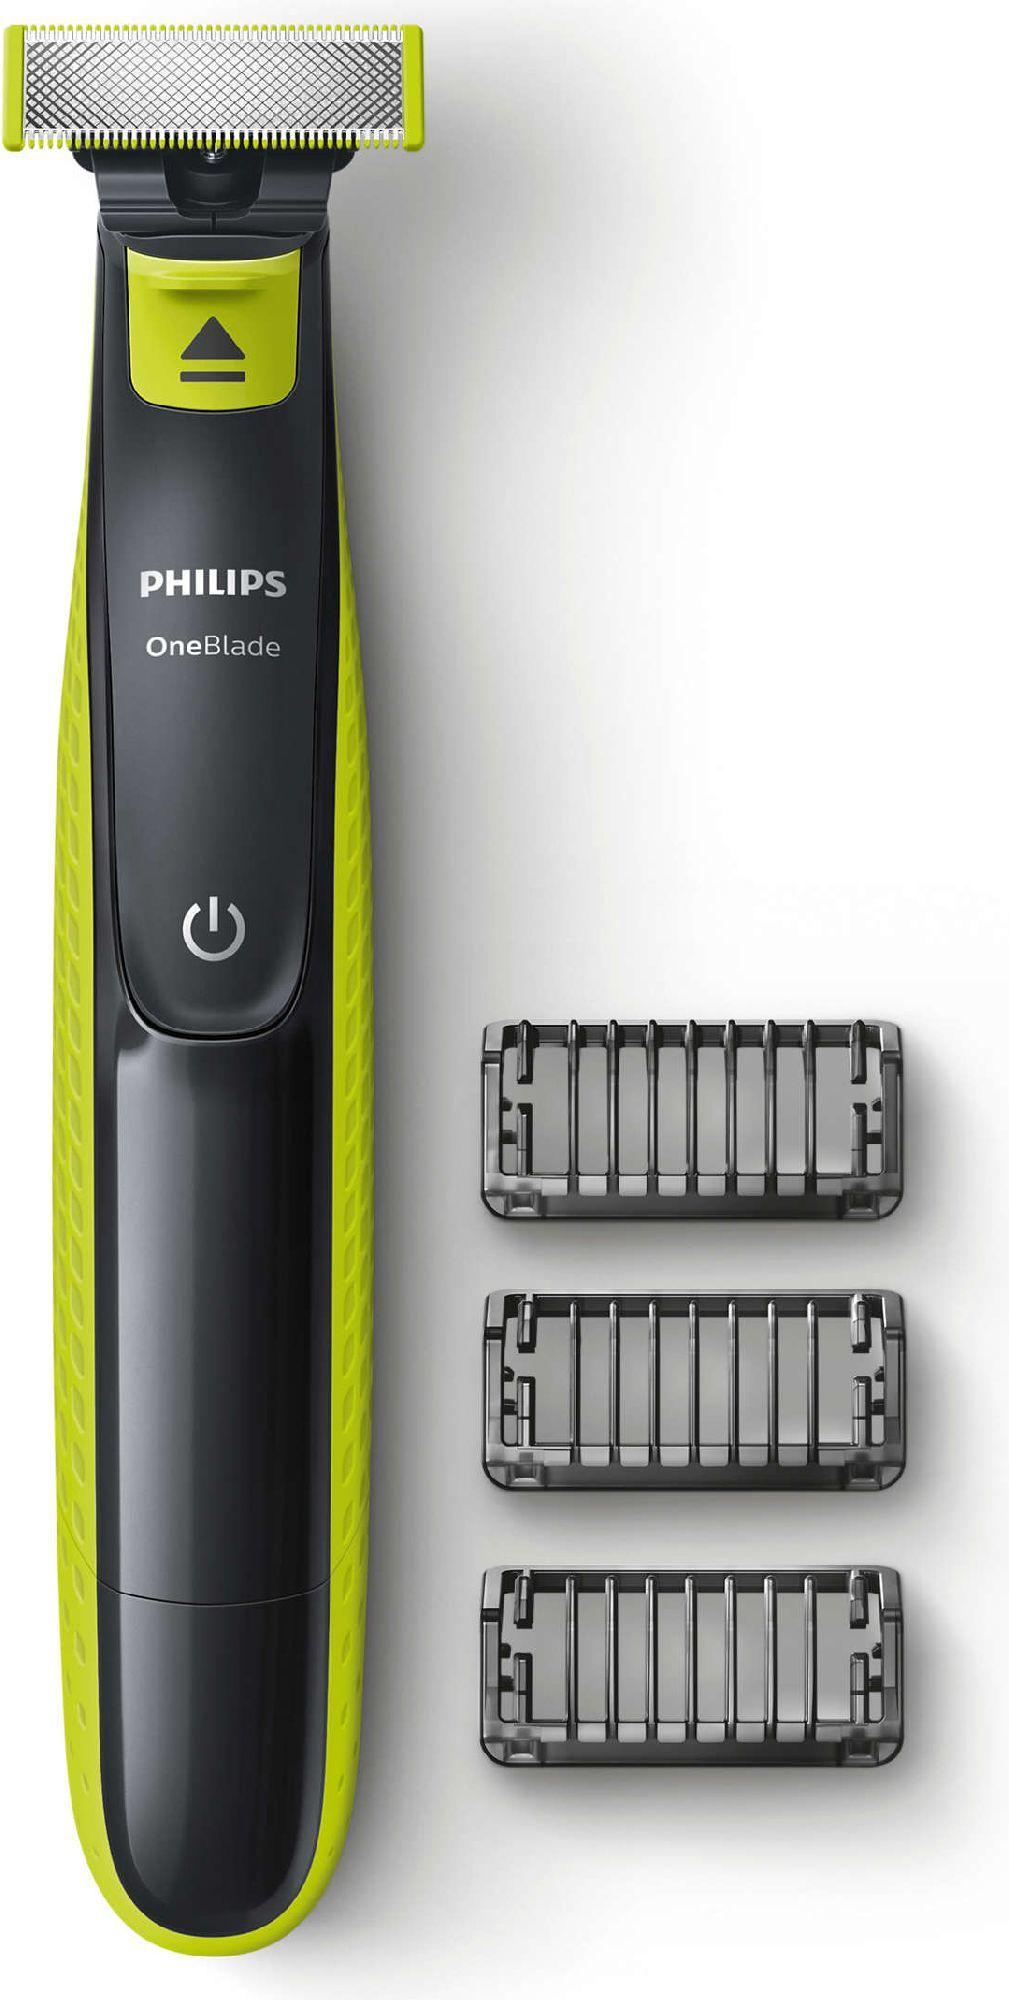 Philips OneBlade QP2520/20 1